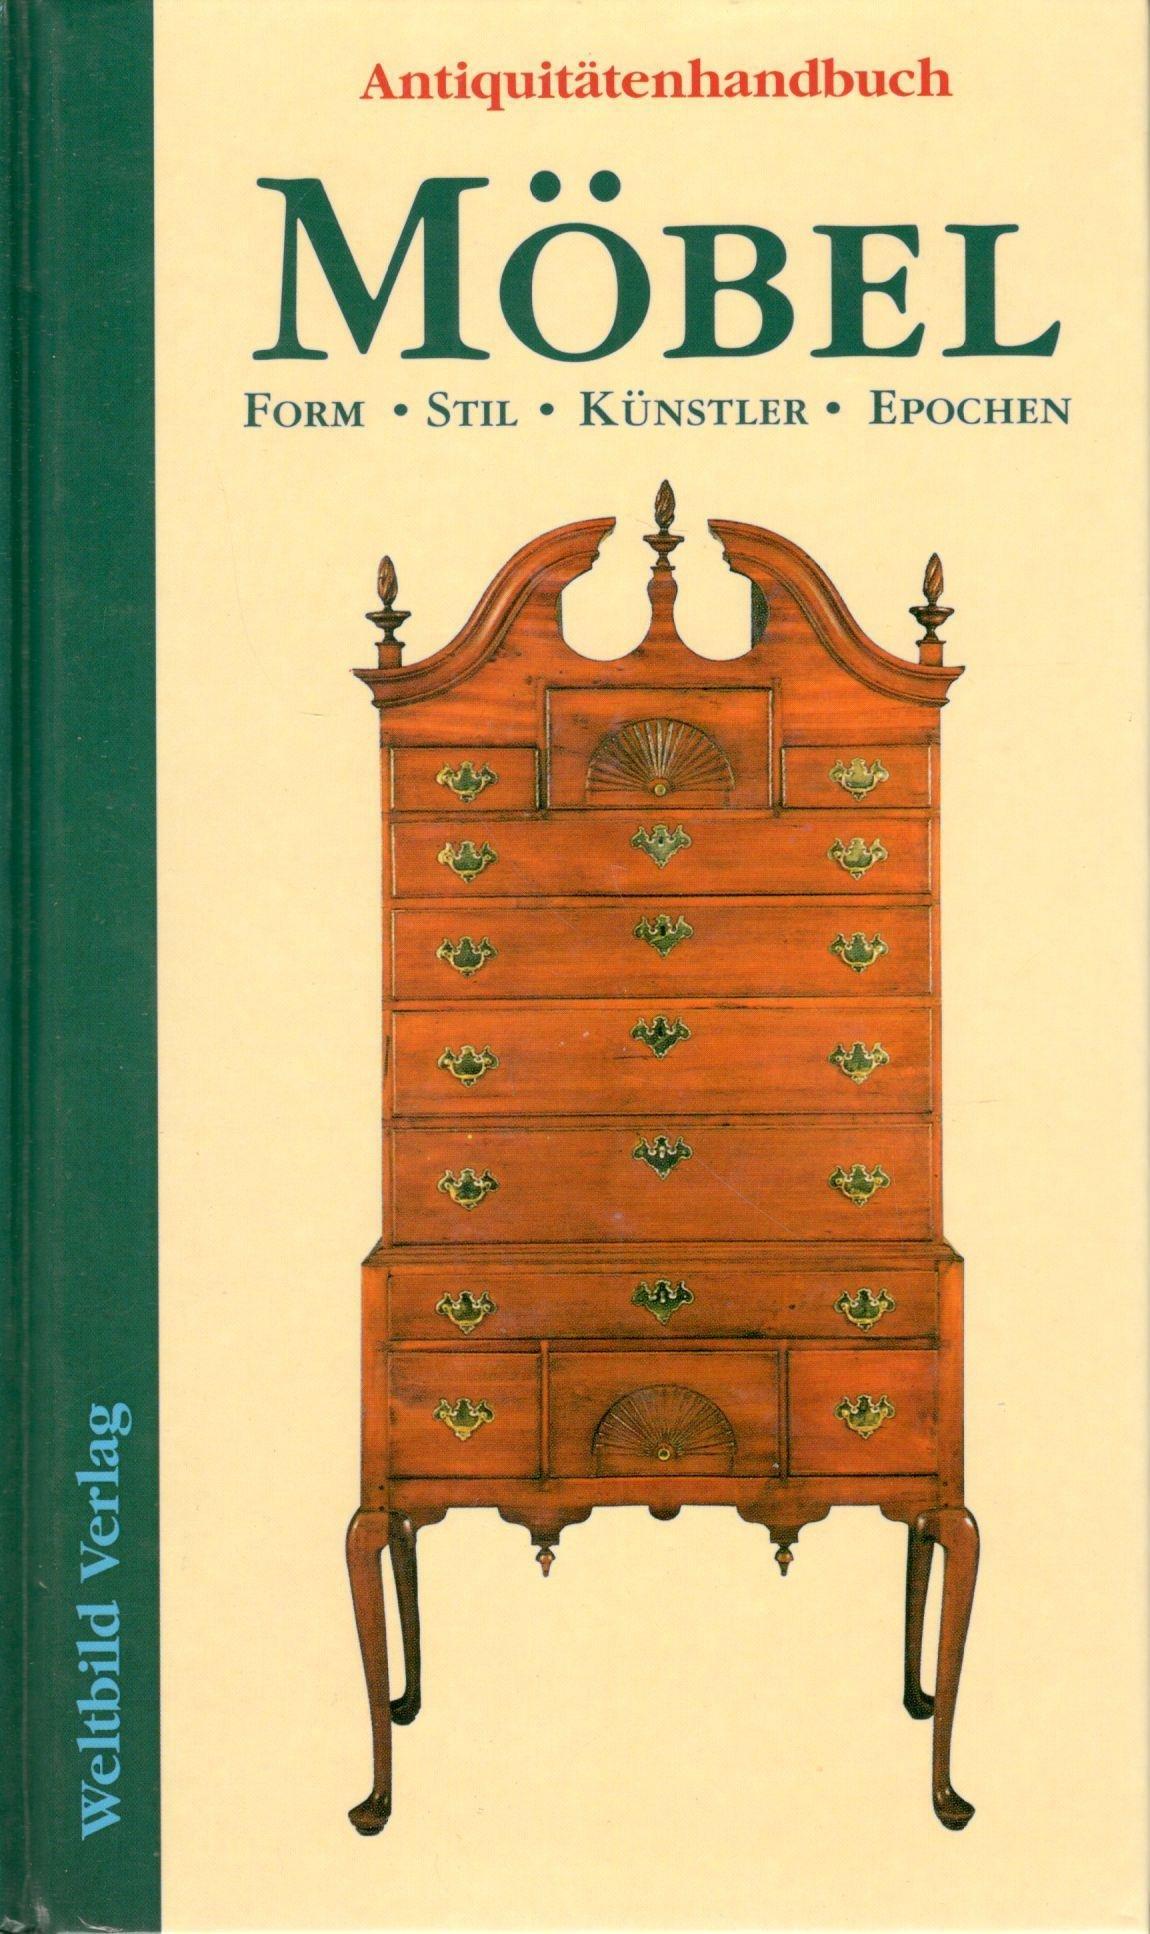 Antiquitätenhandbuch Möbel